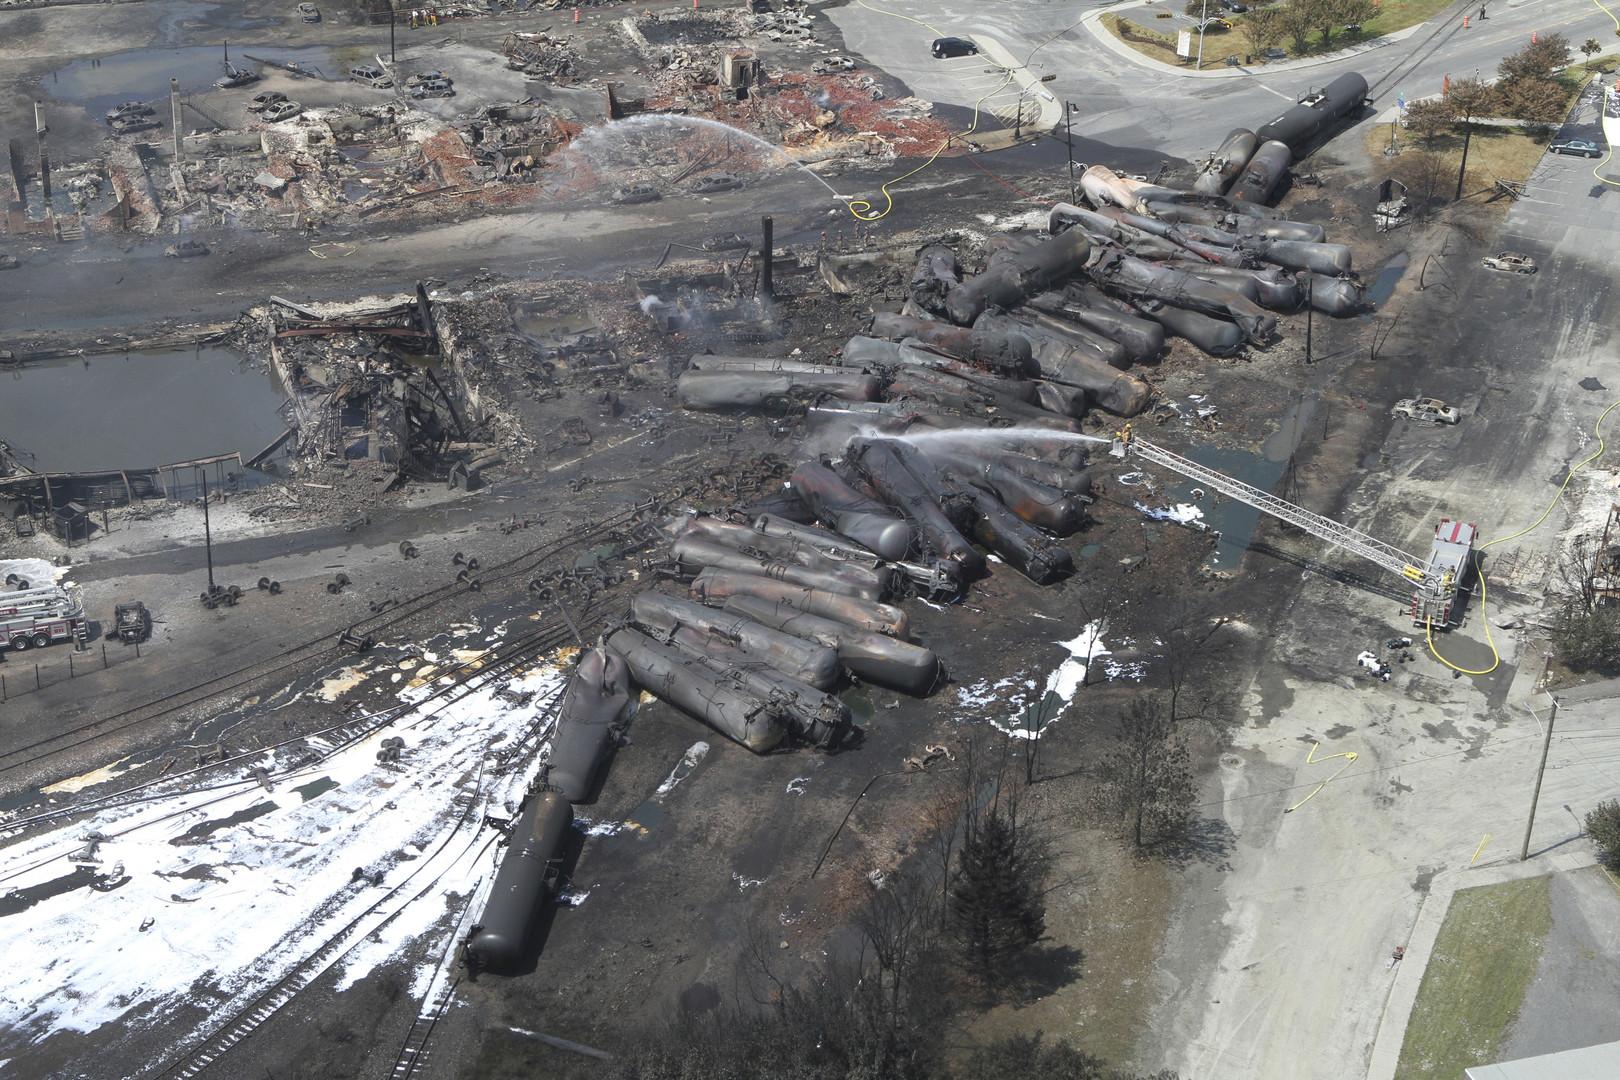 Durant quatre jours, la ville de Lac-Mégantic a été ravagée par un incendie suite au déraillement d'un train chargé de pétrole.